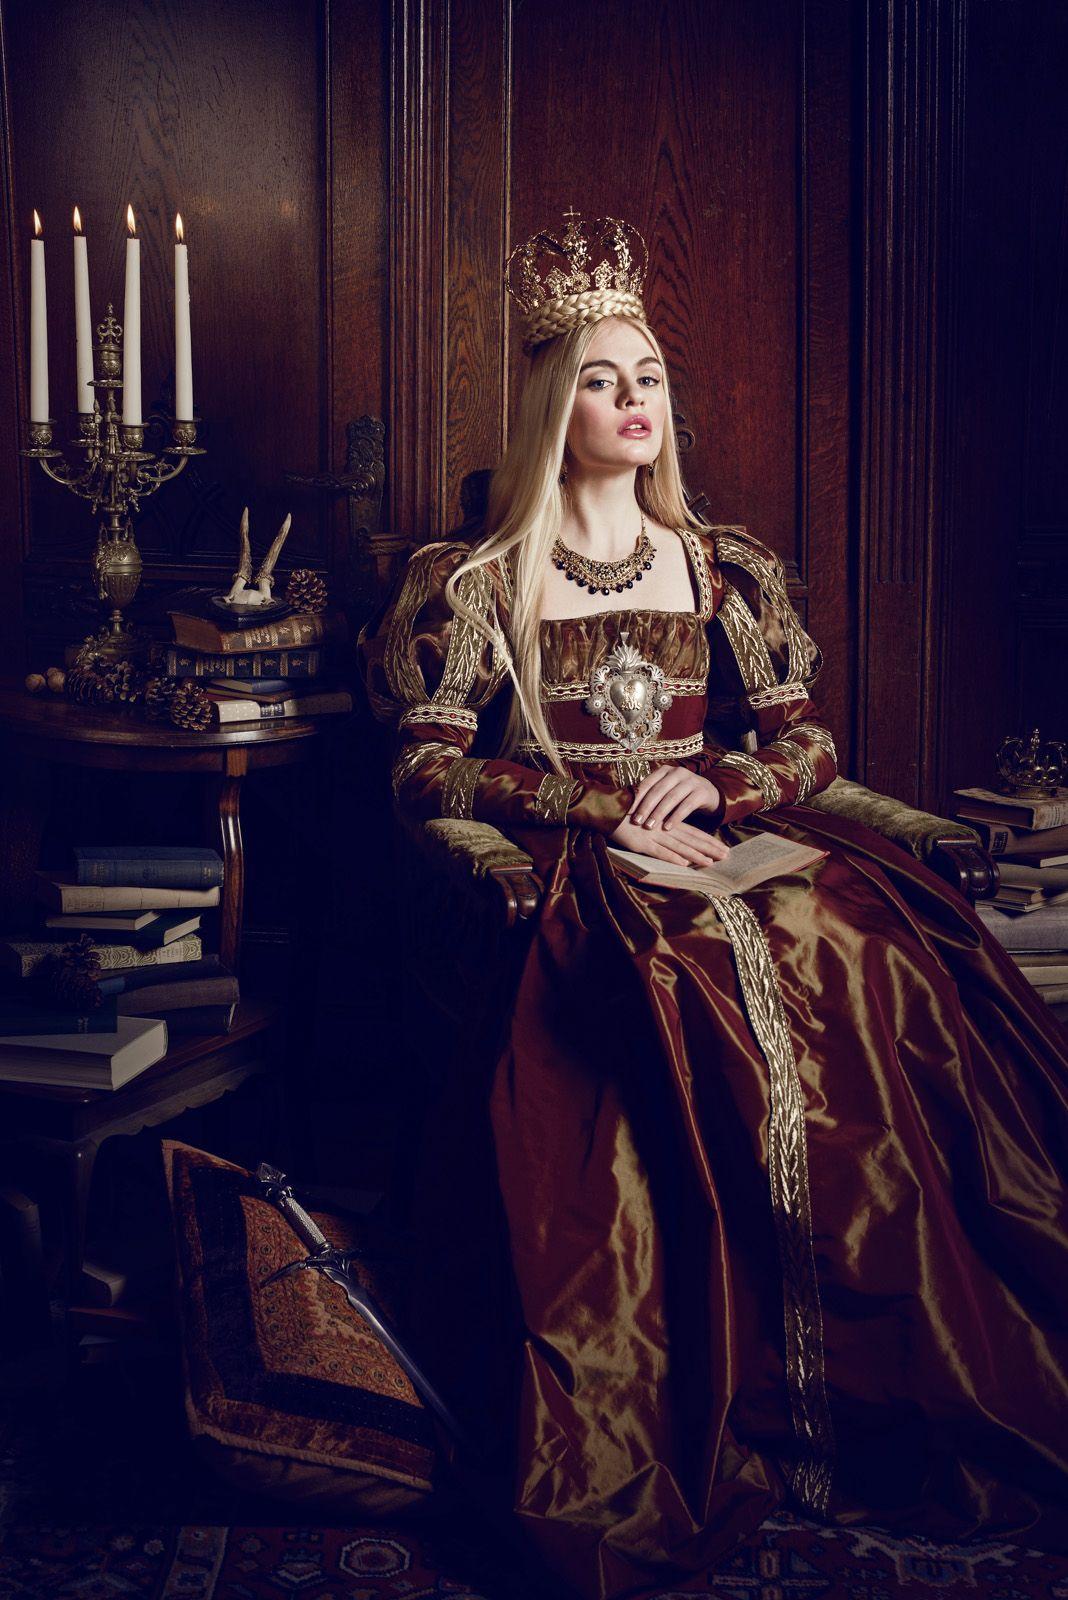 Темные Принцессы и сказочные миры в фотографиях Viona в 2019 году